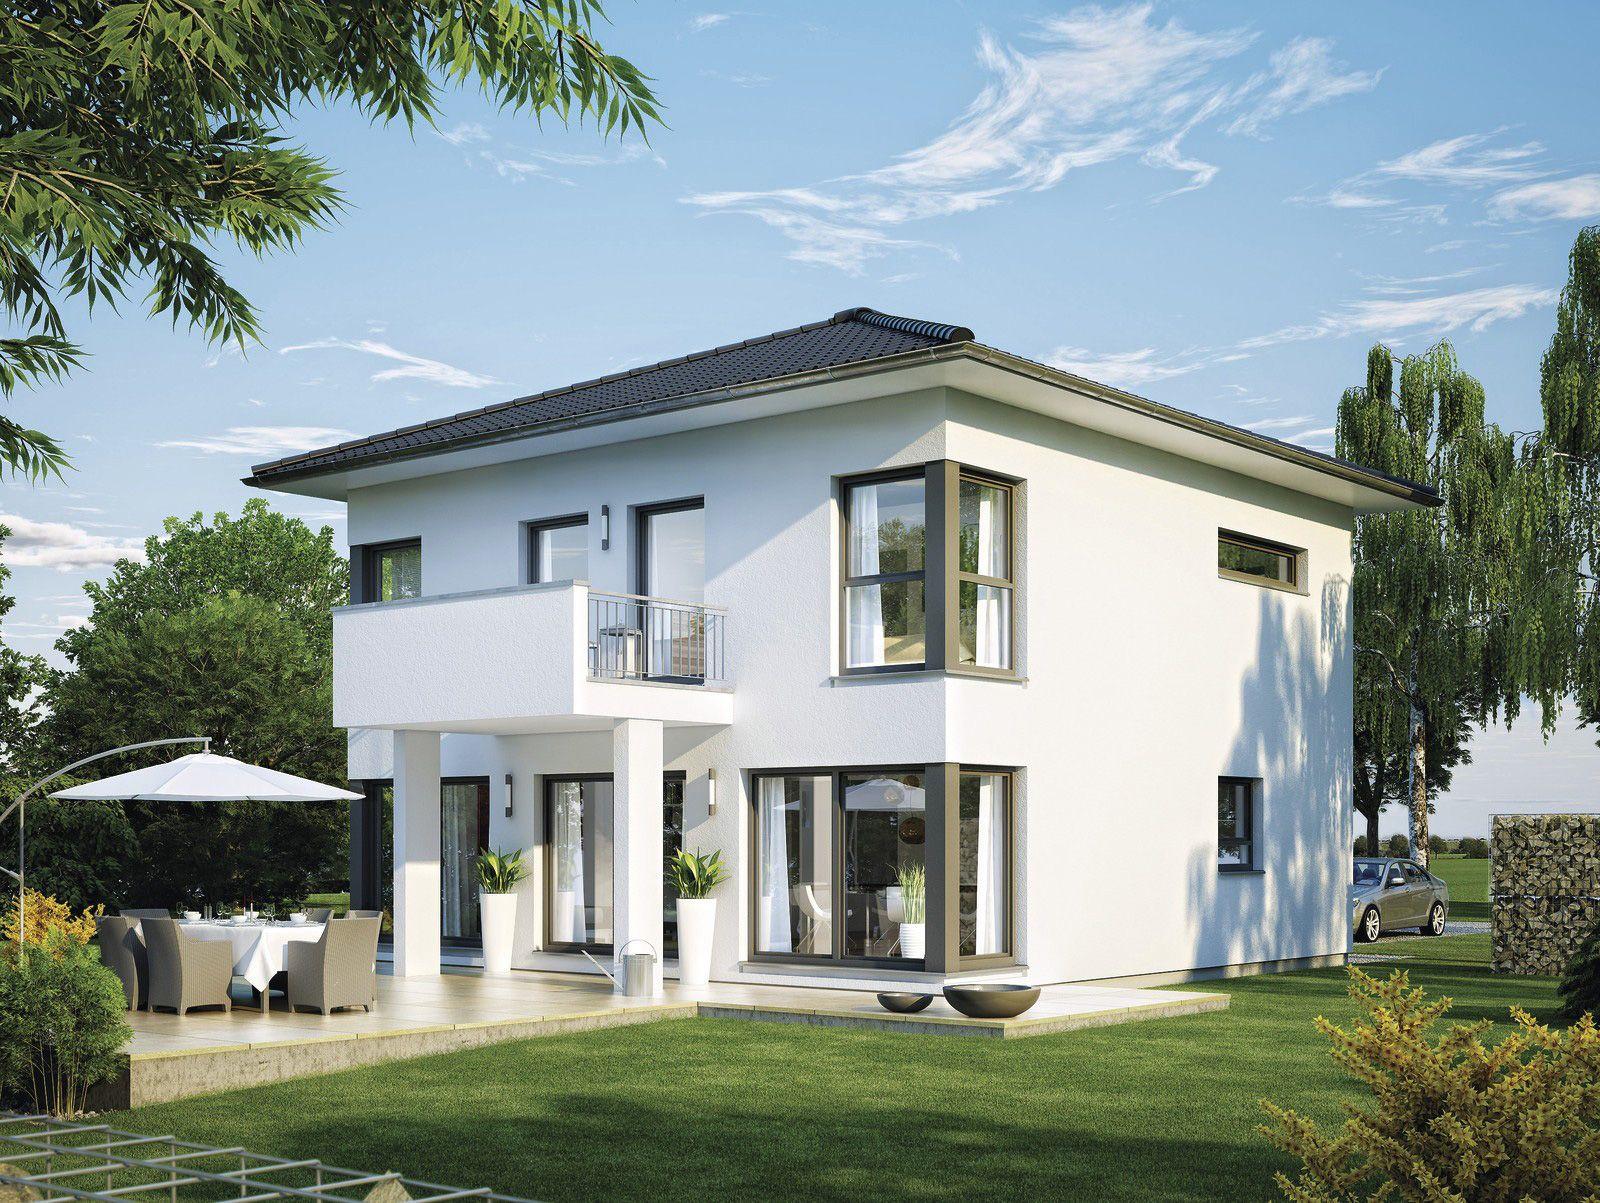 CityLife 200 Einfamilienhaus von WeberHaus GmbH & Co KG